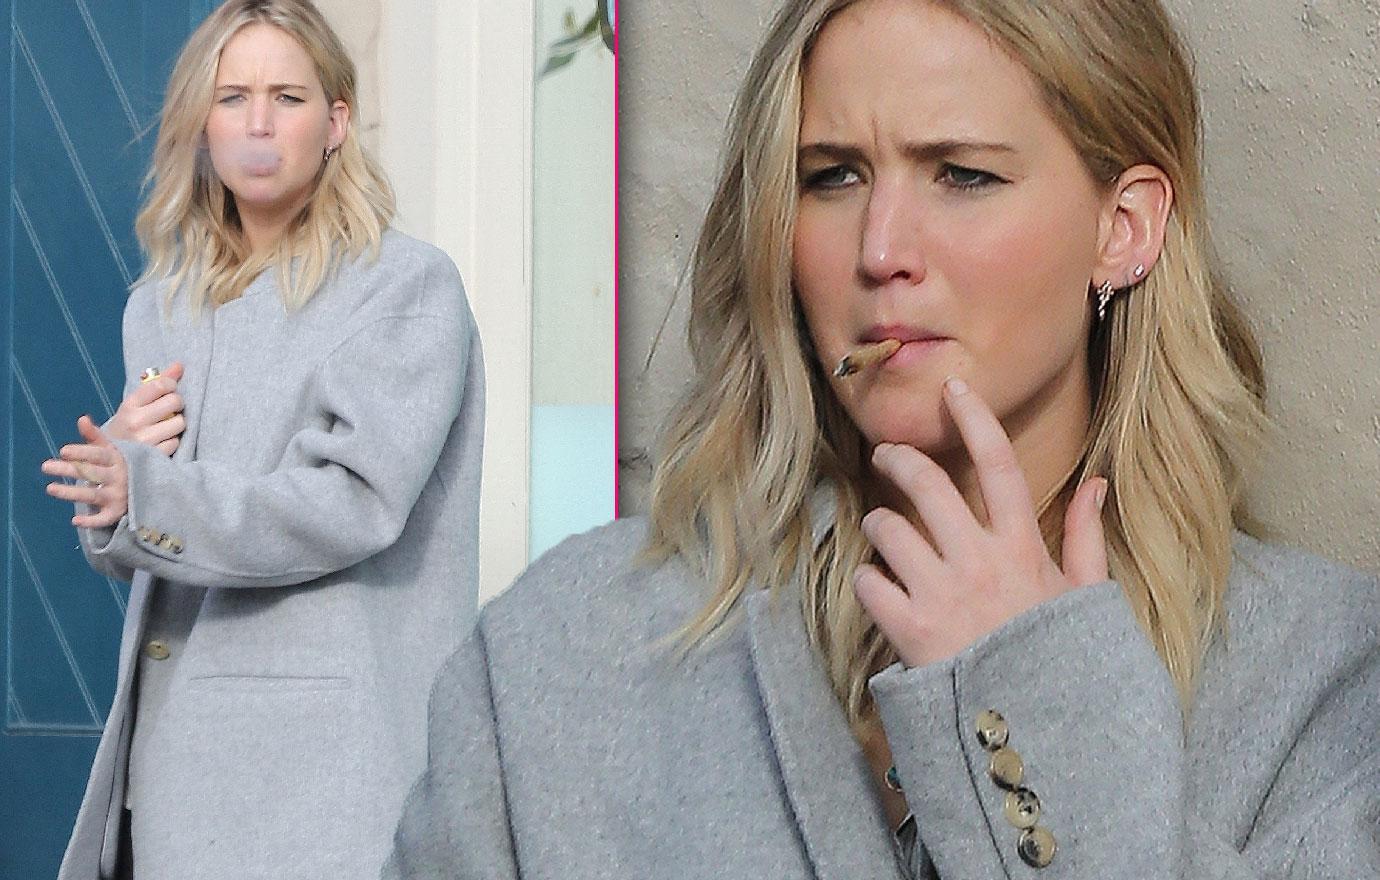 Jennifer Lawrence Smokes Something Suspicious Photos